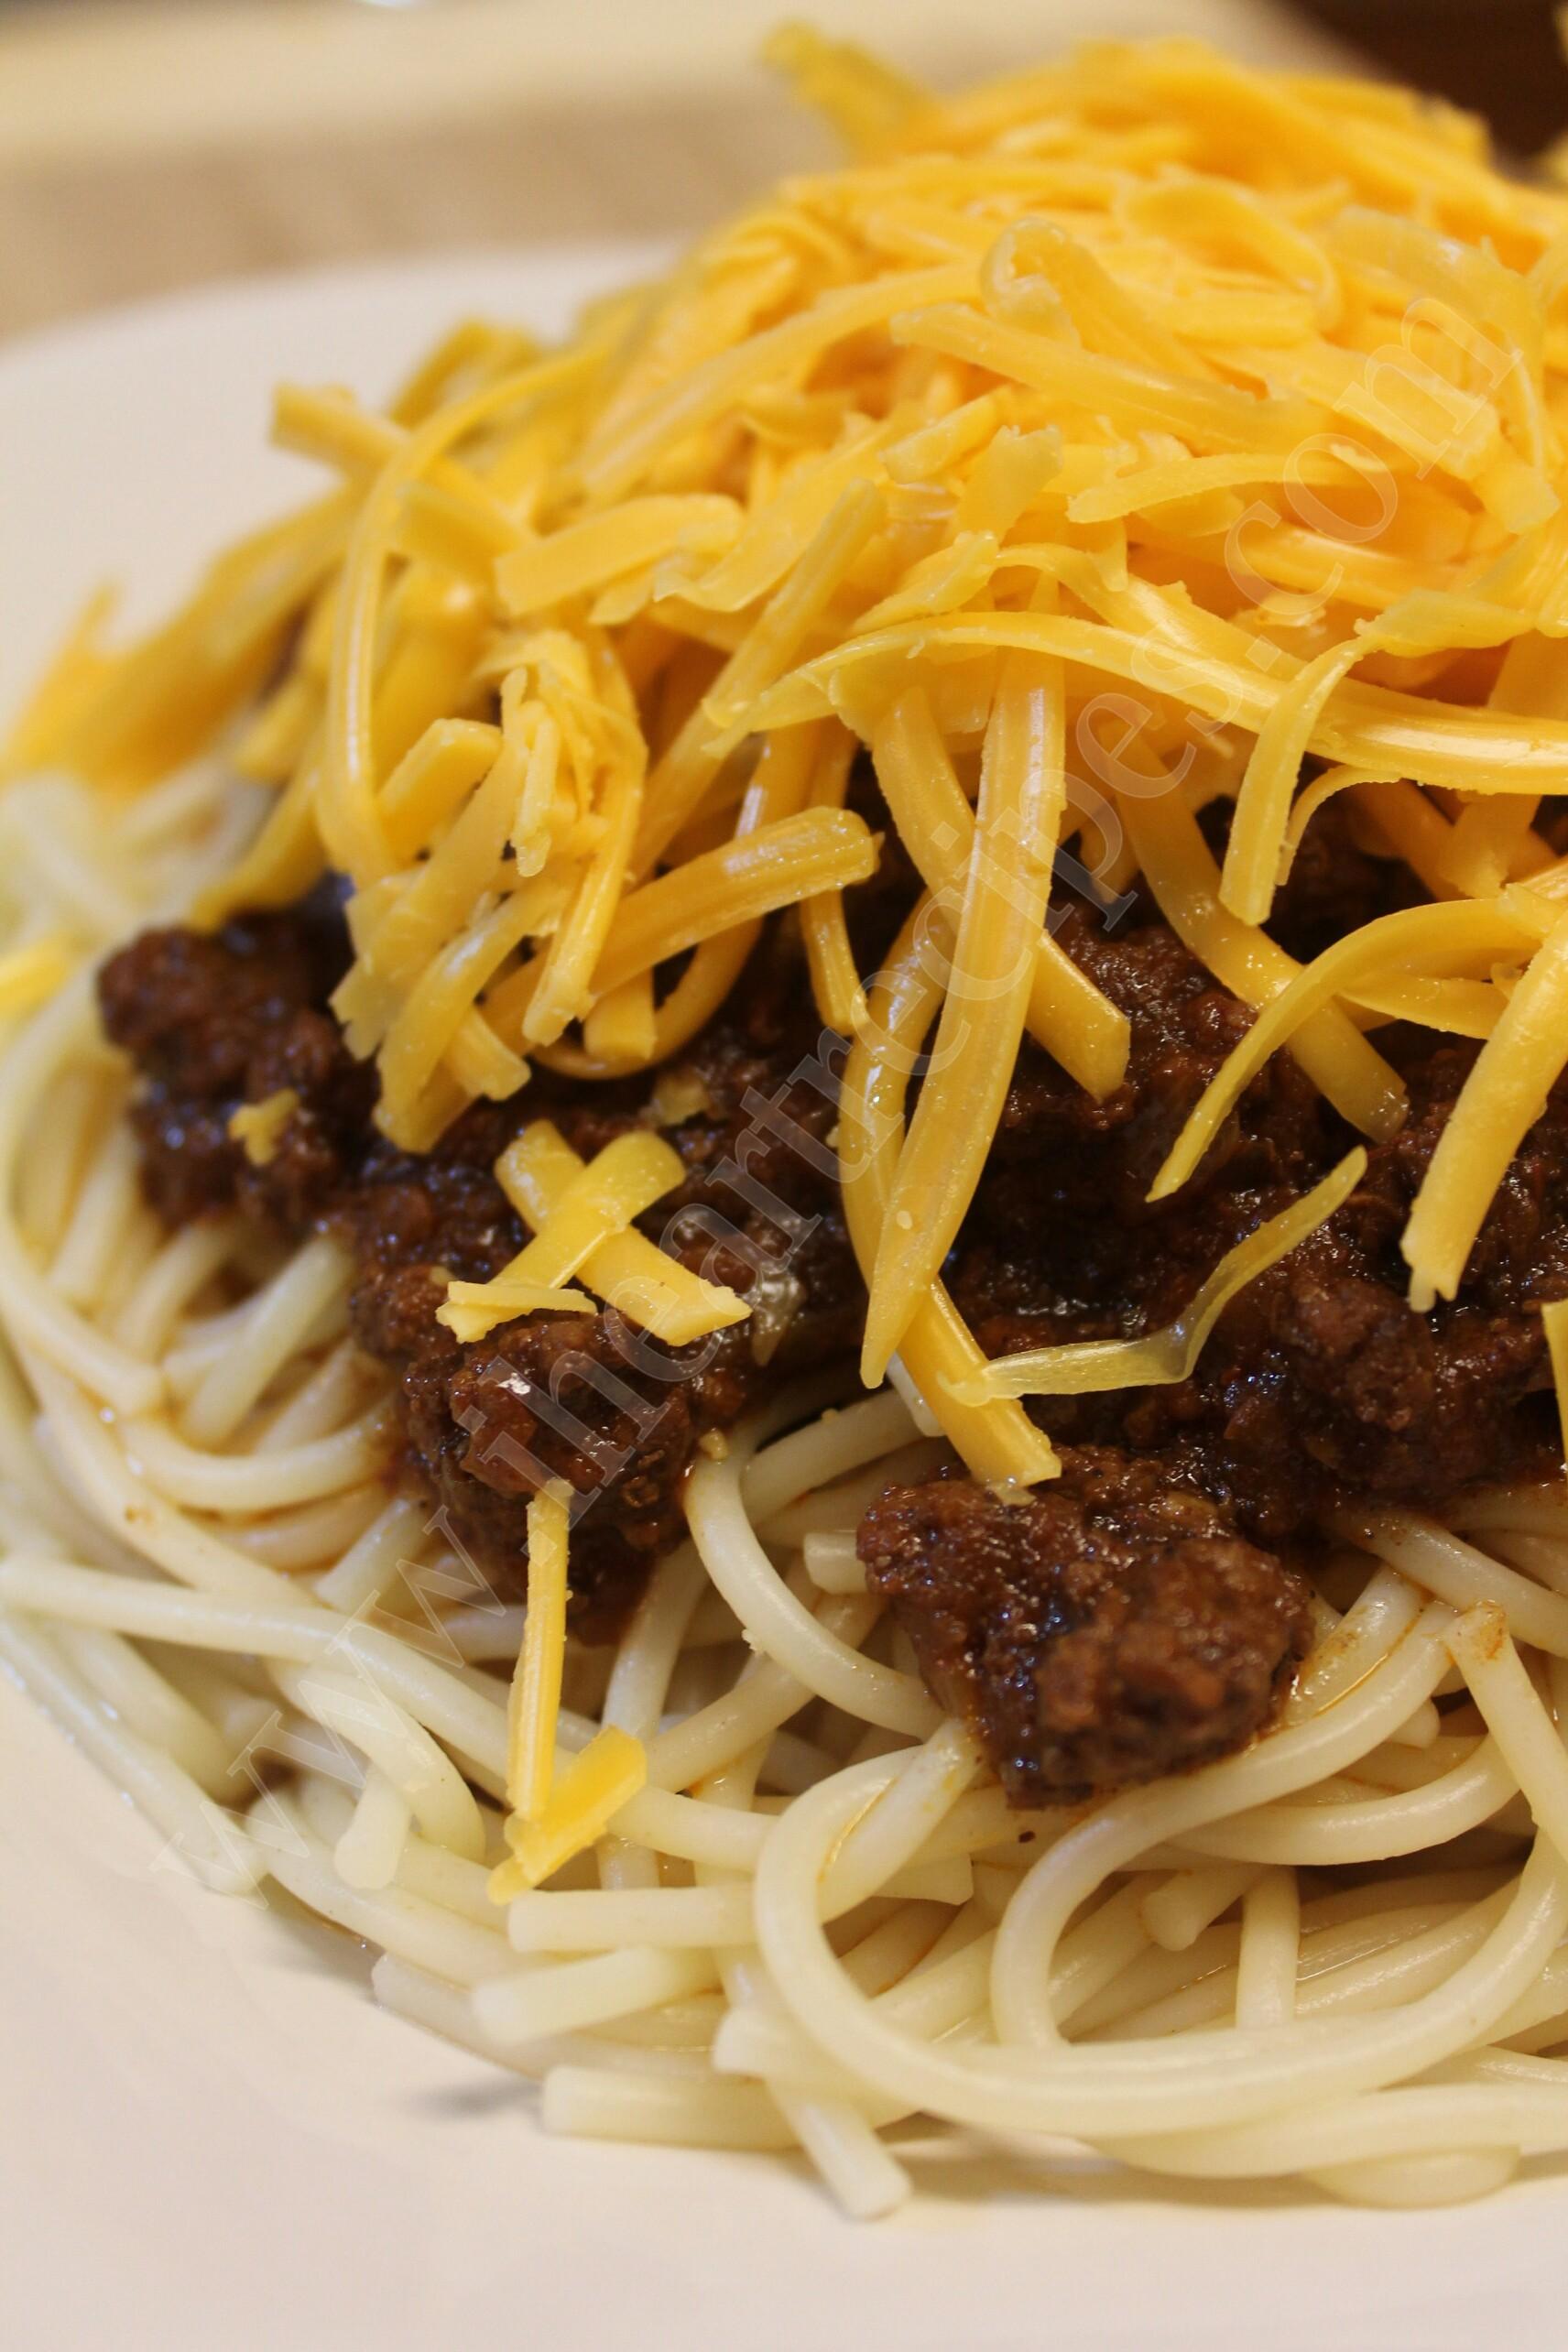 Cincinnati Style Chili Recipe I Heart Recipes